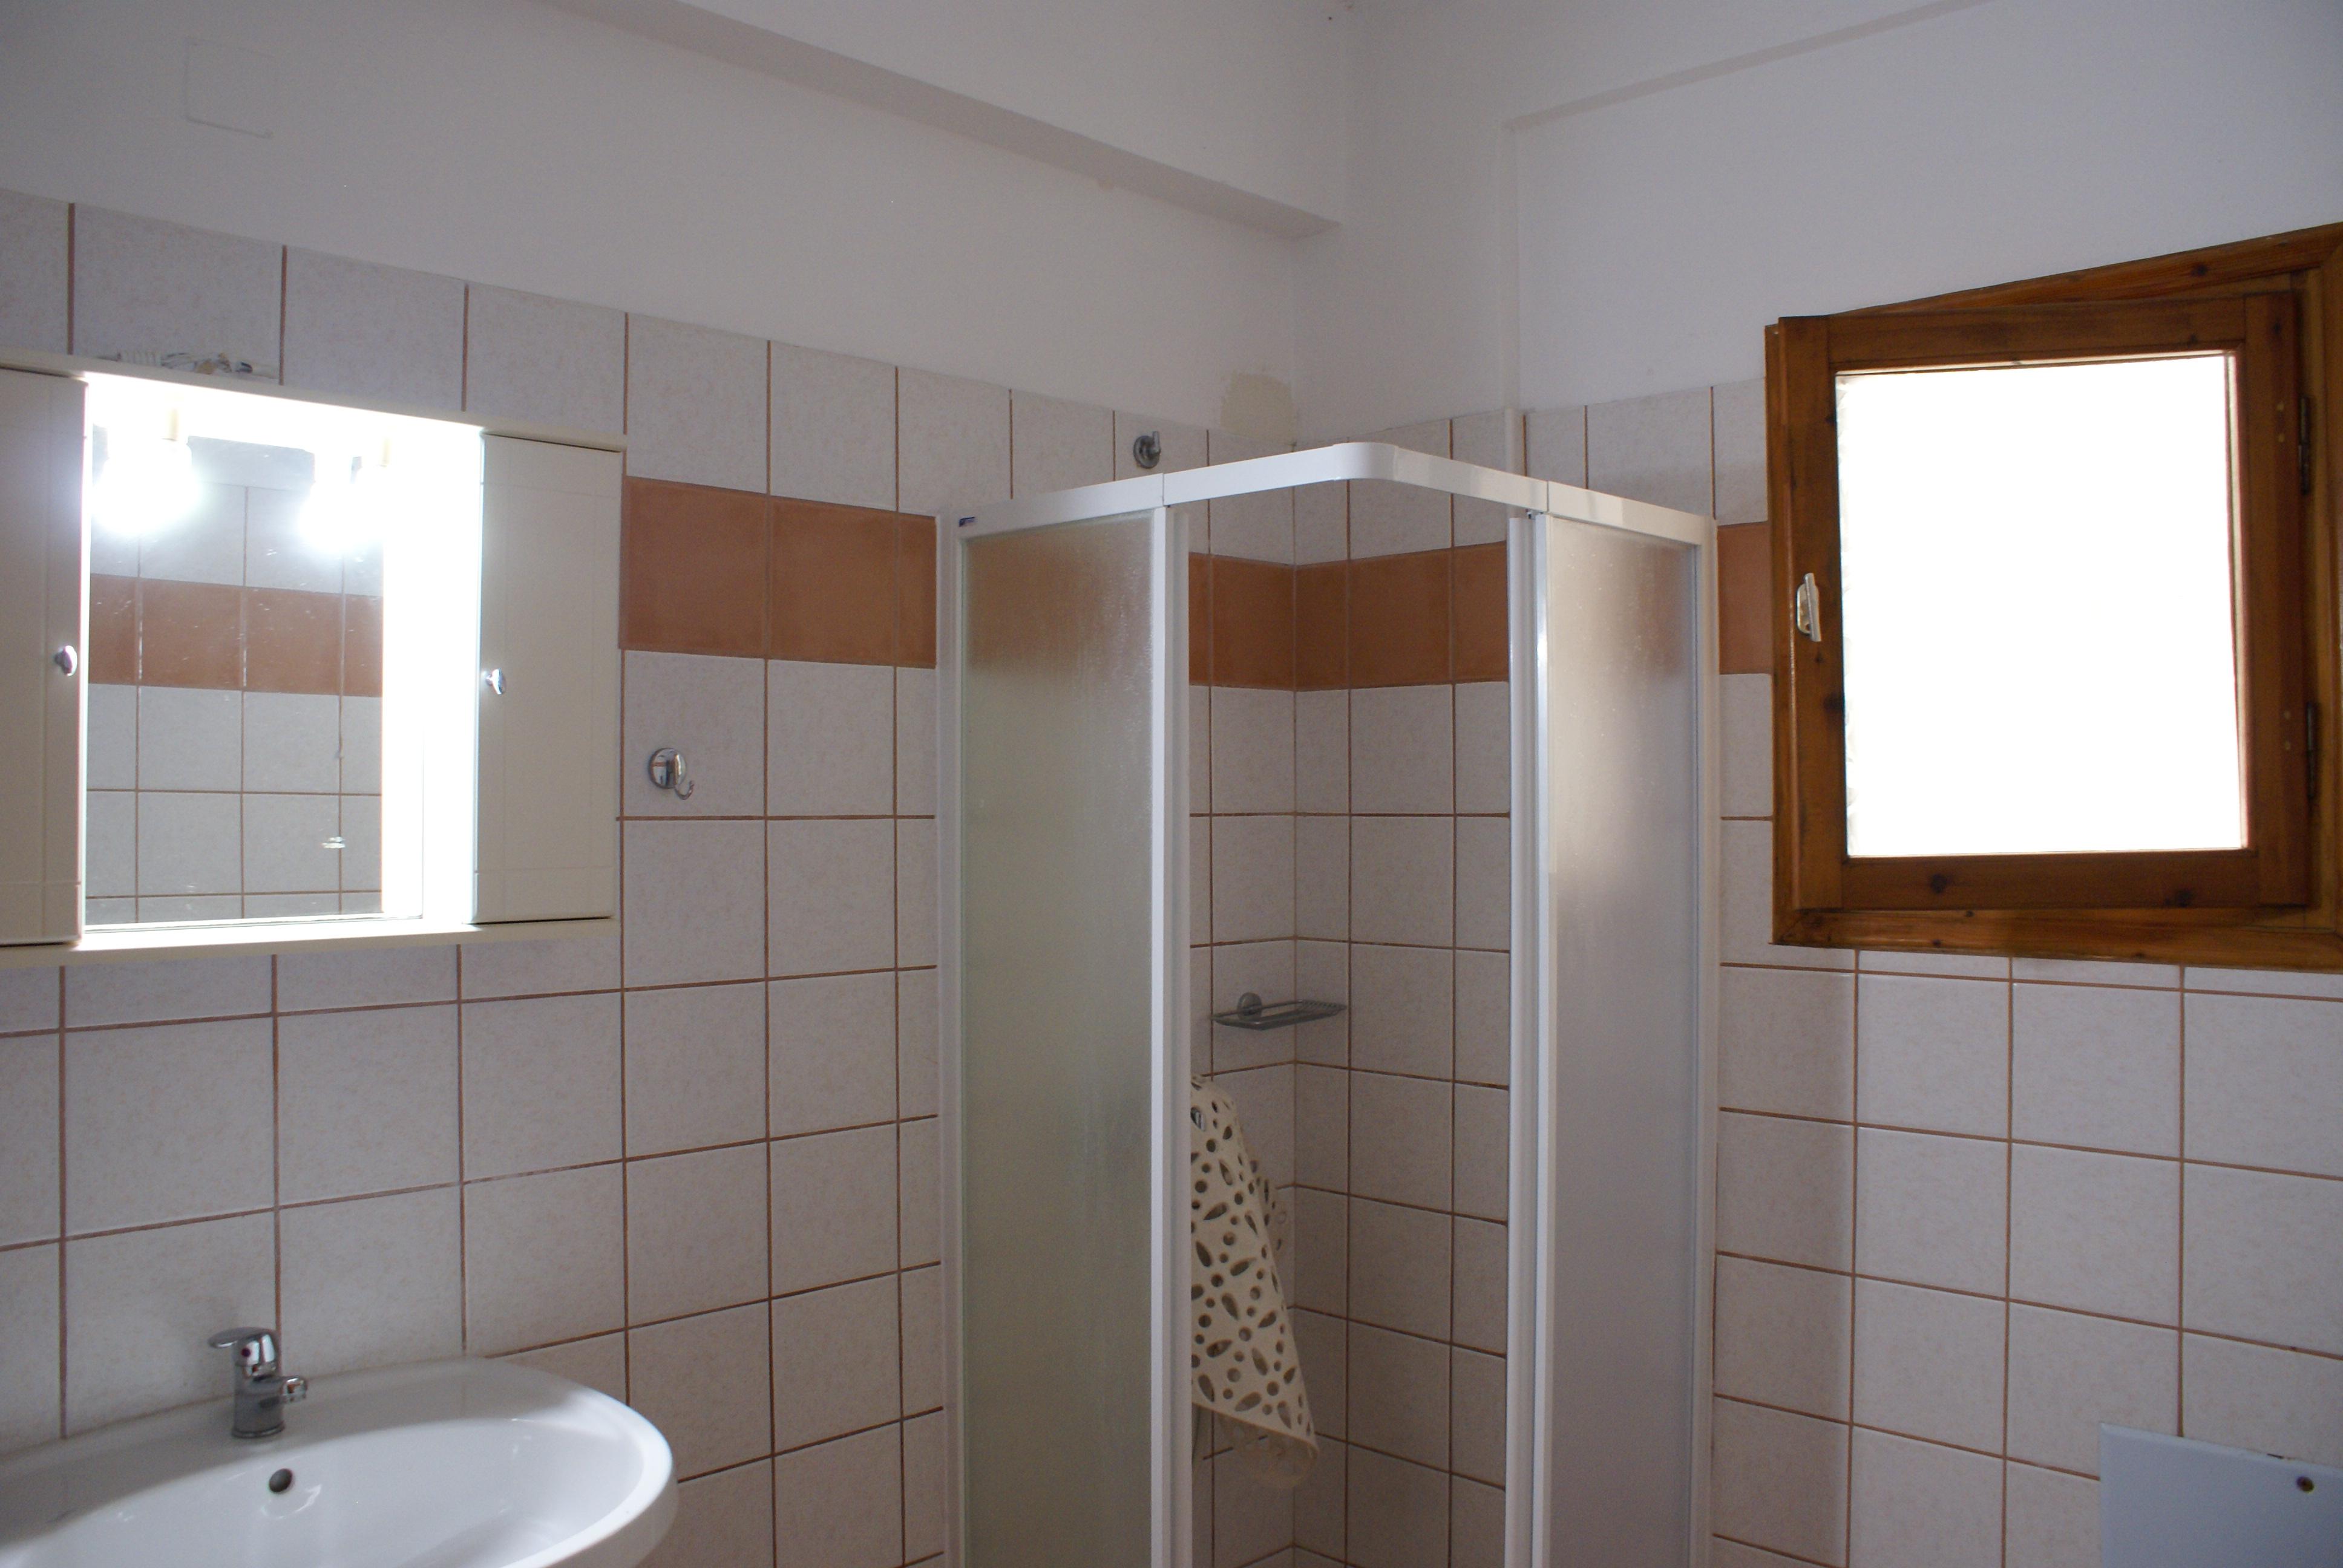 Duschbad Untergeschoss - Balkon - Korfu Ferienhaus Villa Adonis mit Pool, Nissaki, KorfuCorfu.de